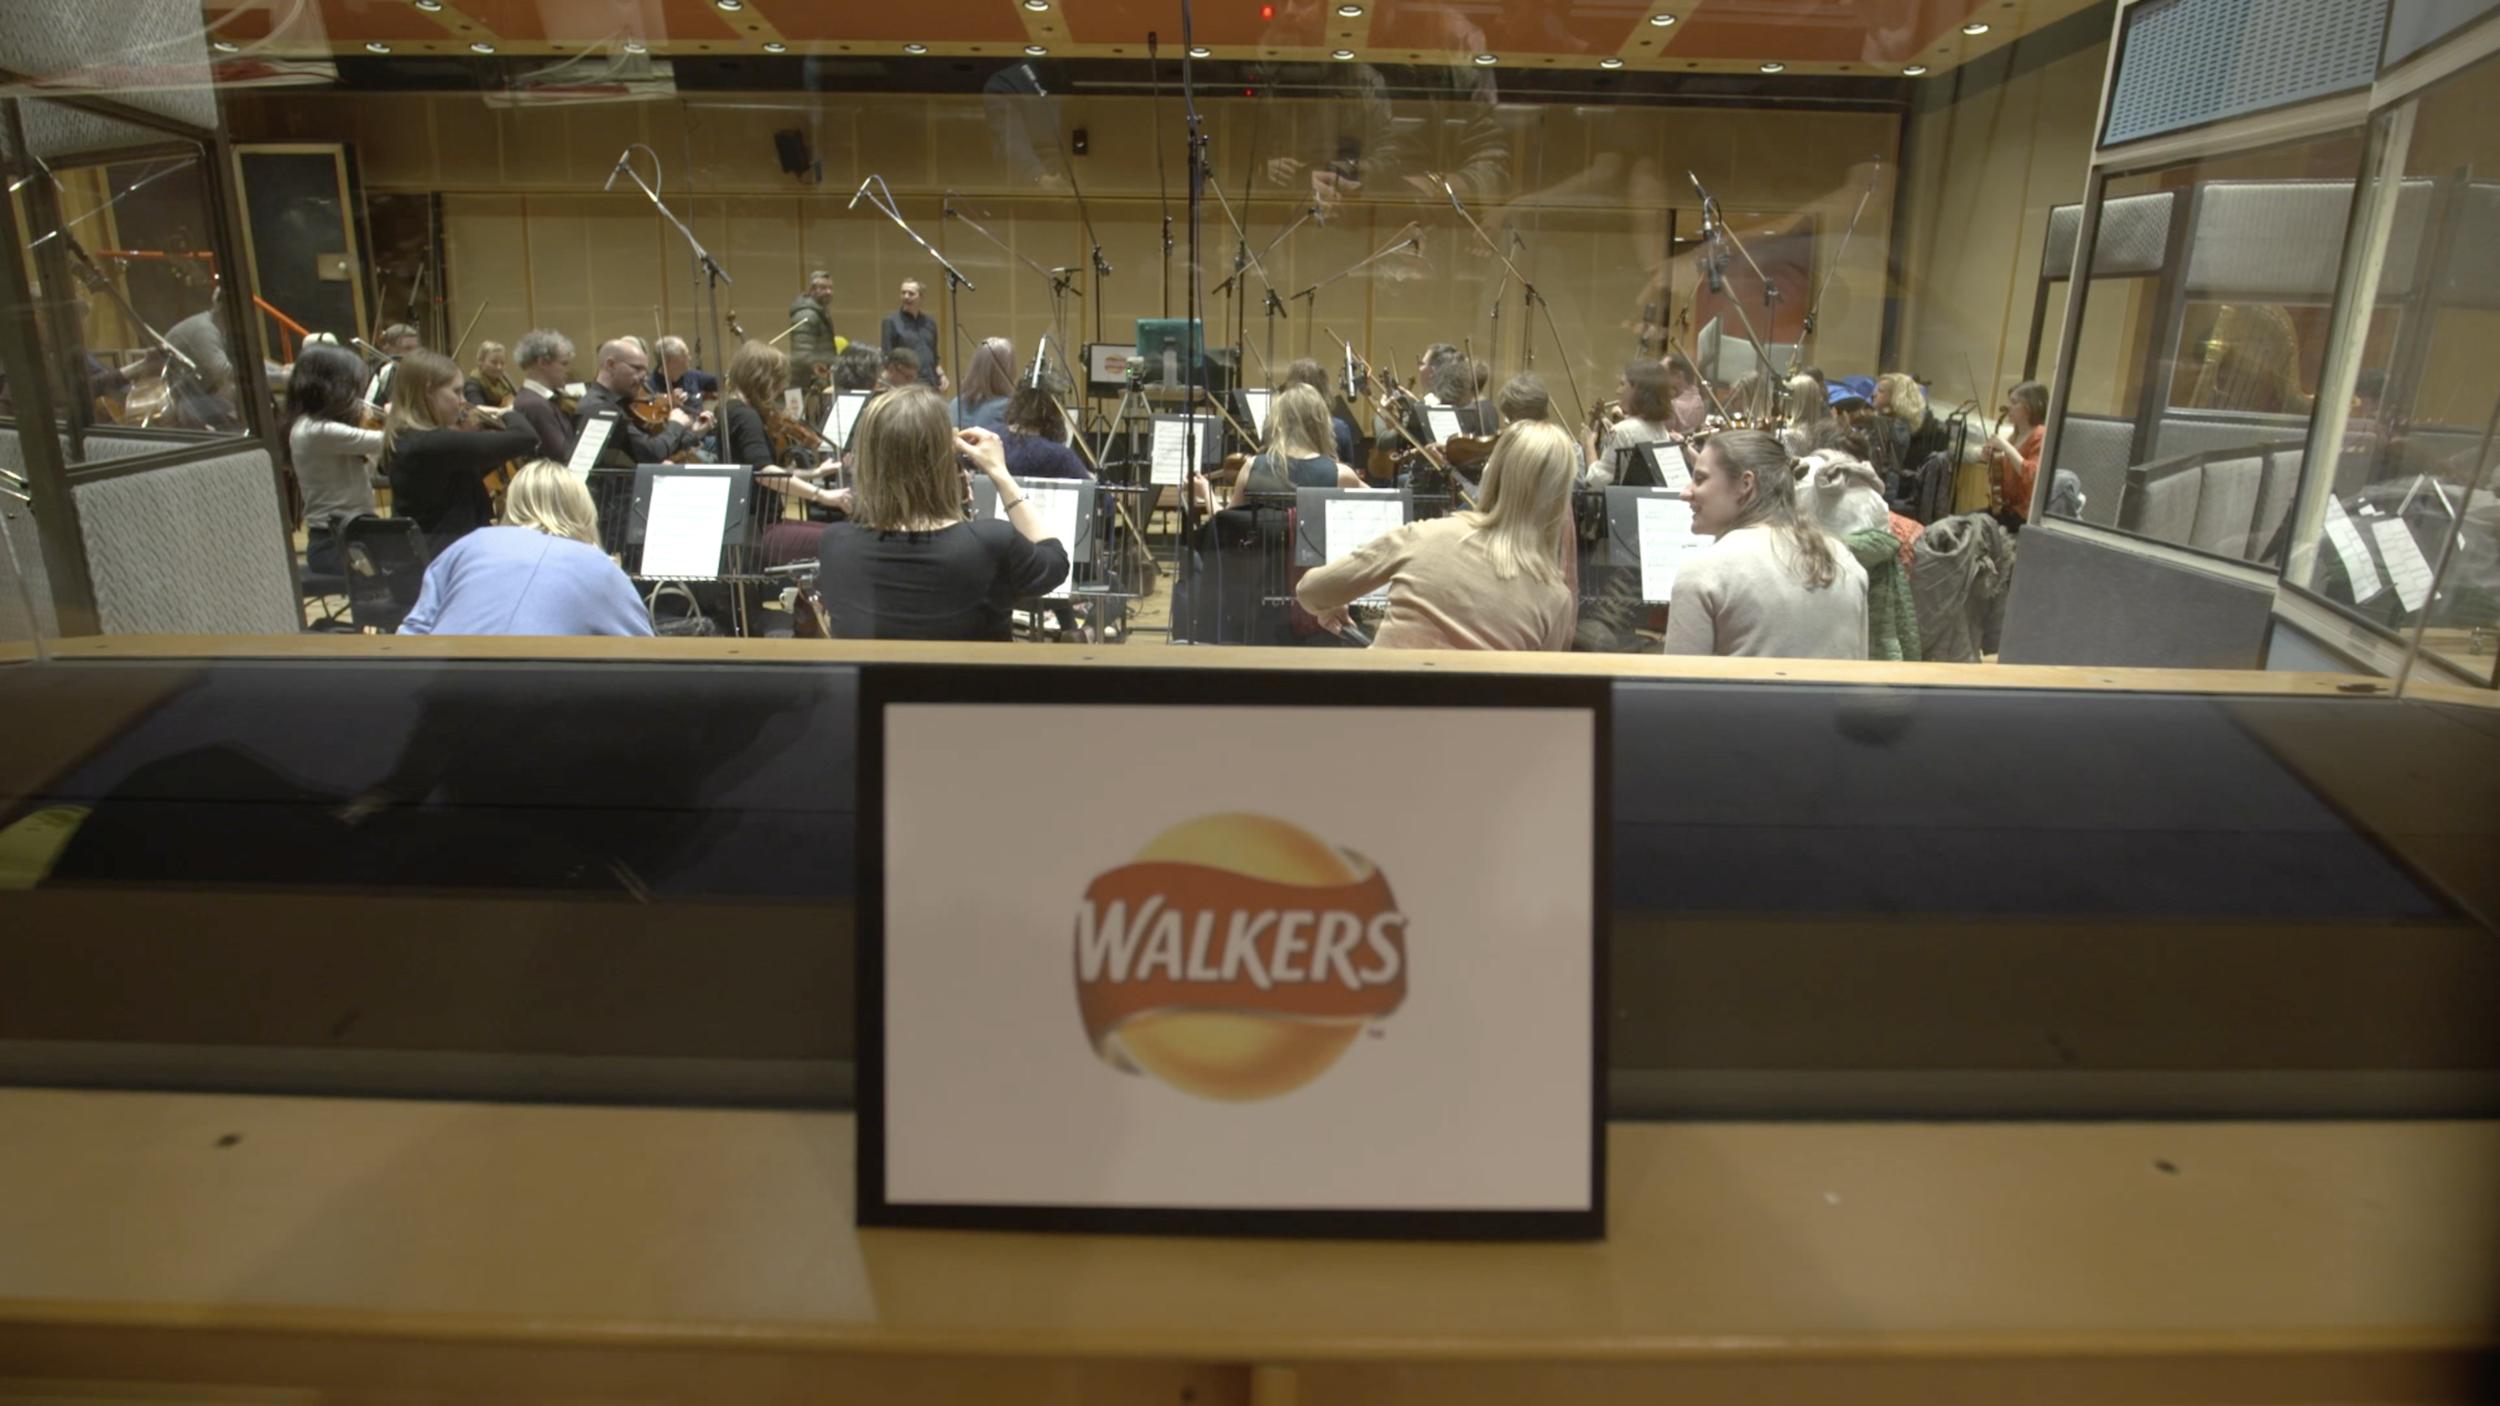 James Radford Music Walkers 013.png